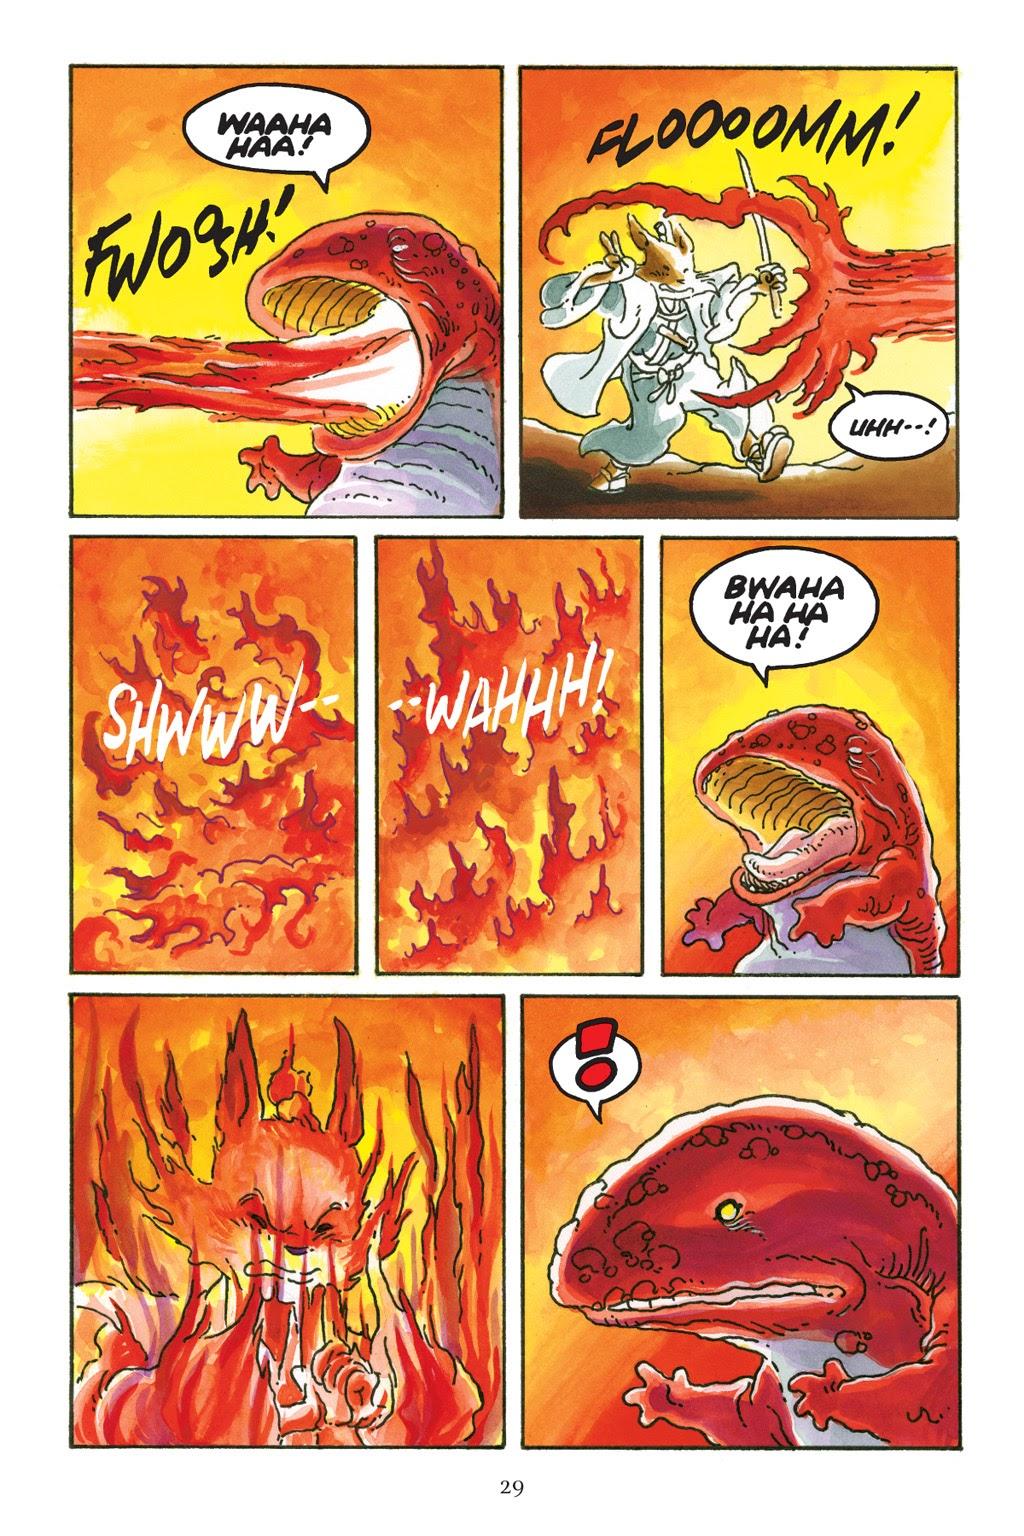 Read online Usagi Yojimbo: Yokai comic -  Issue # Full - 29